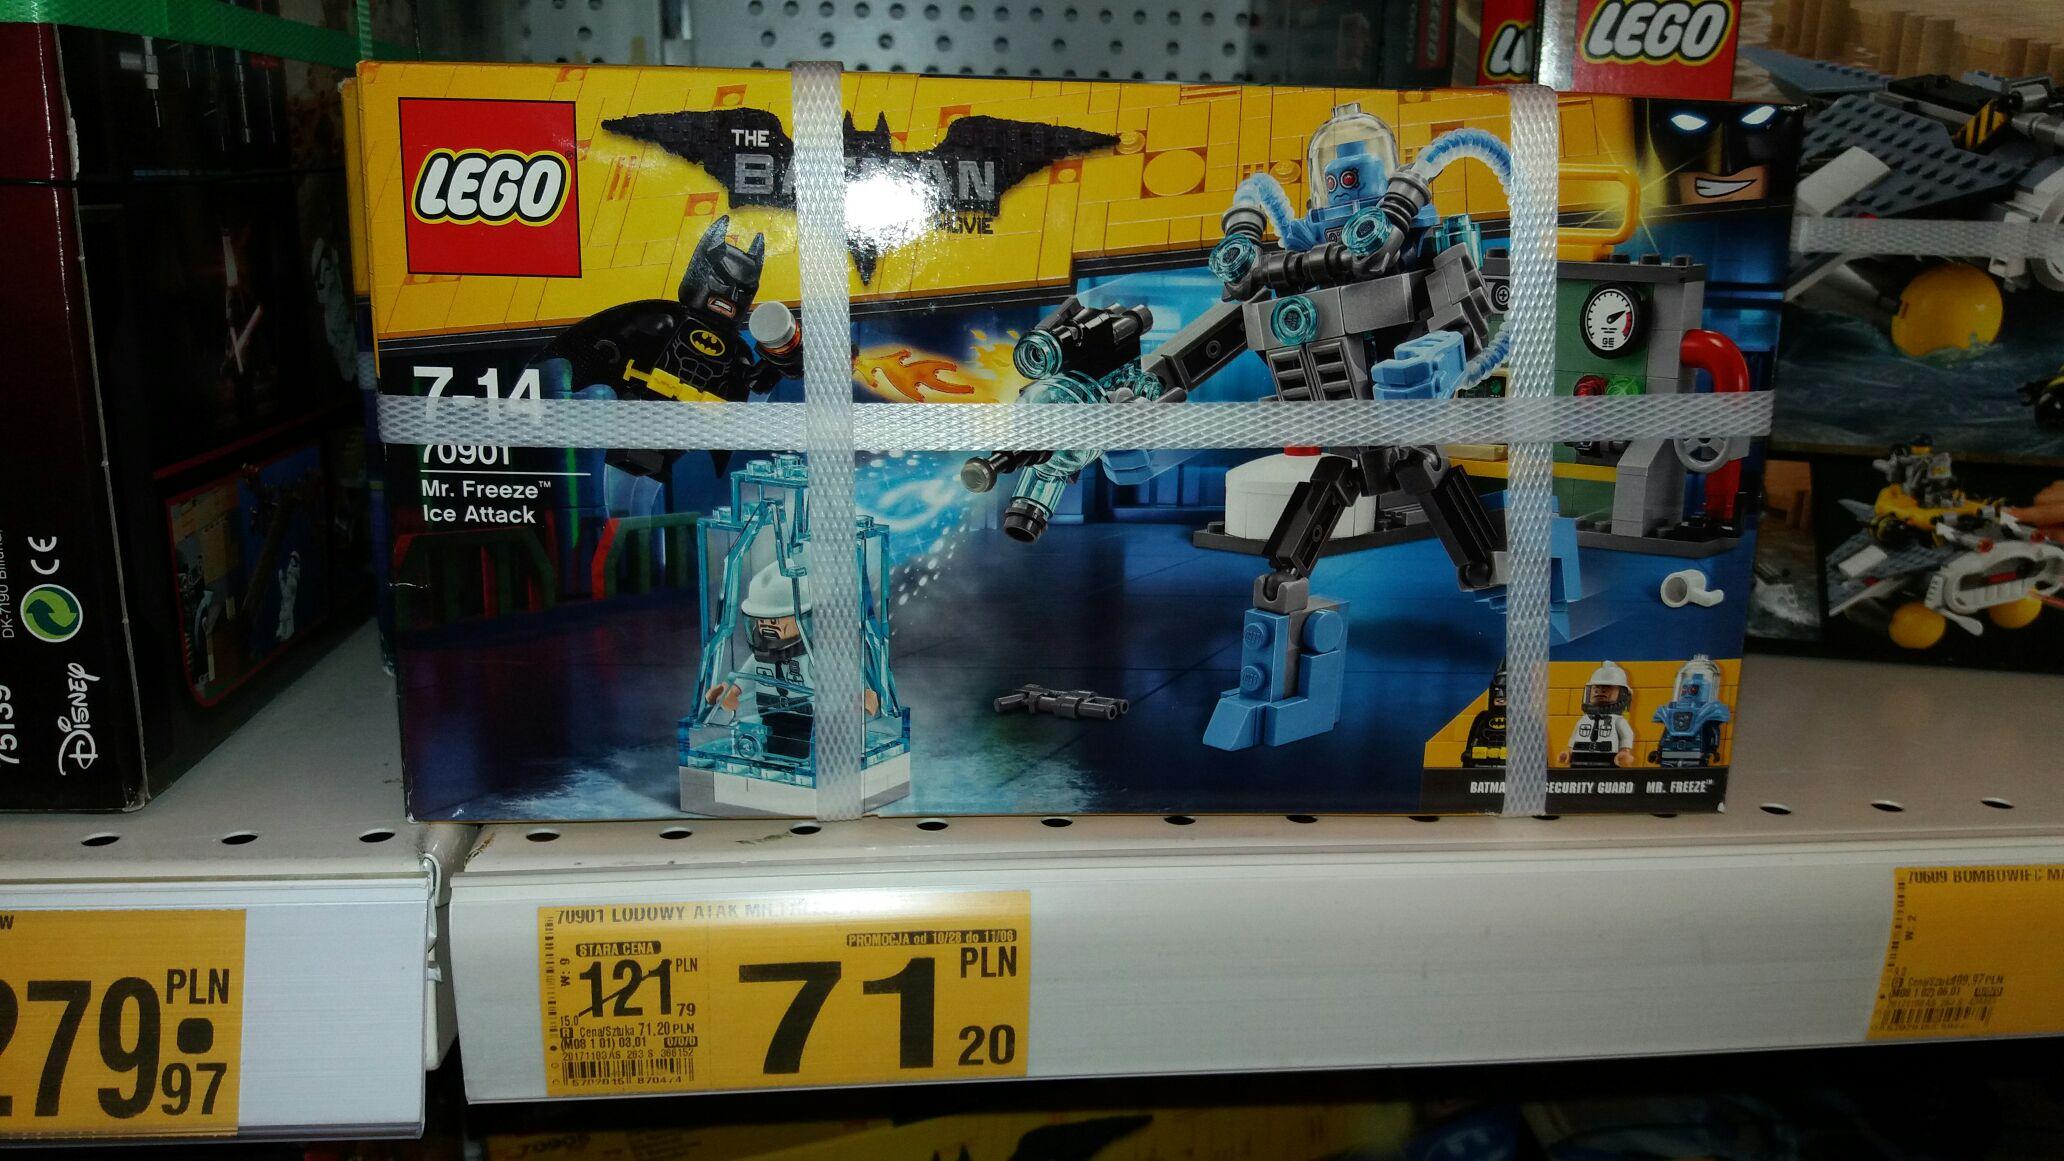 Lego The Batman Movie Lodowy Atak Mr. Freeze 70901